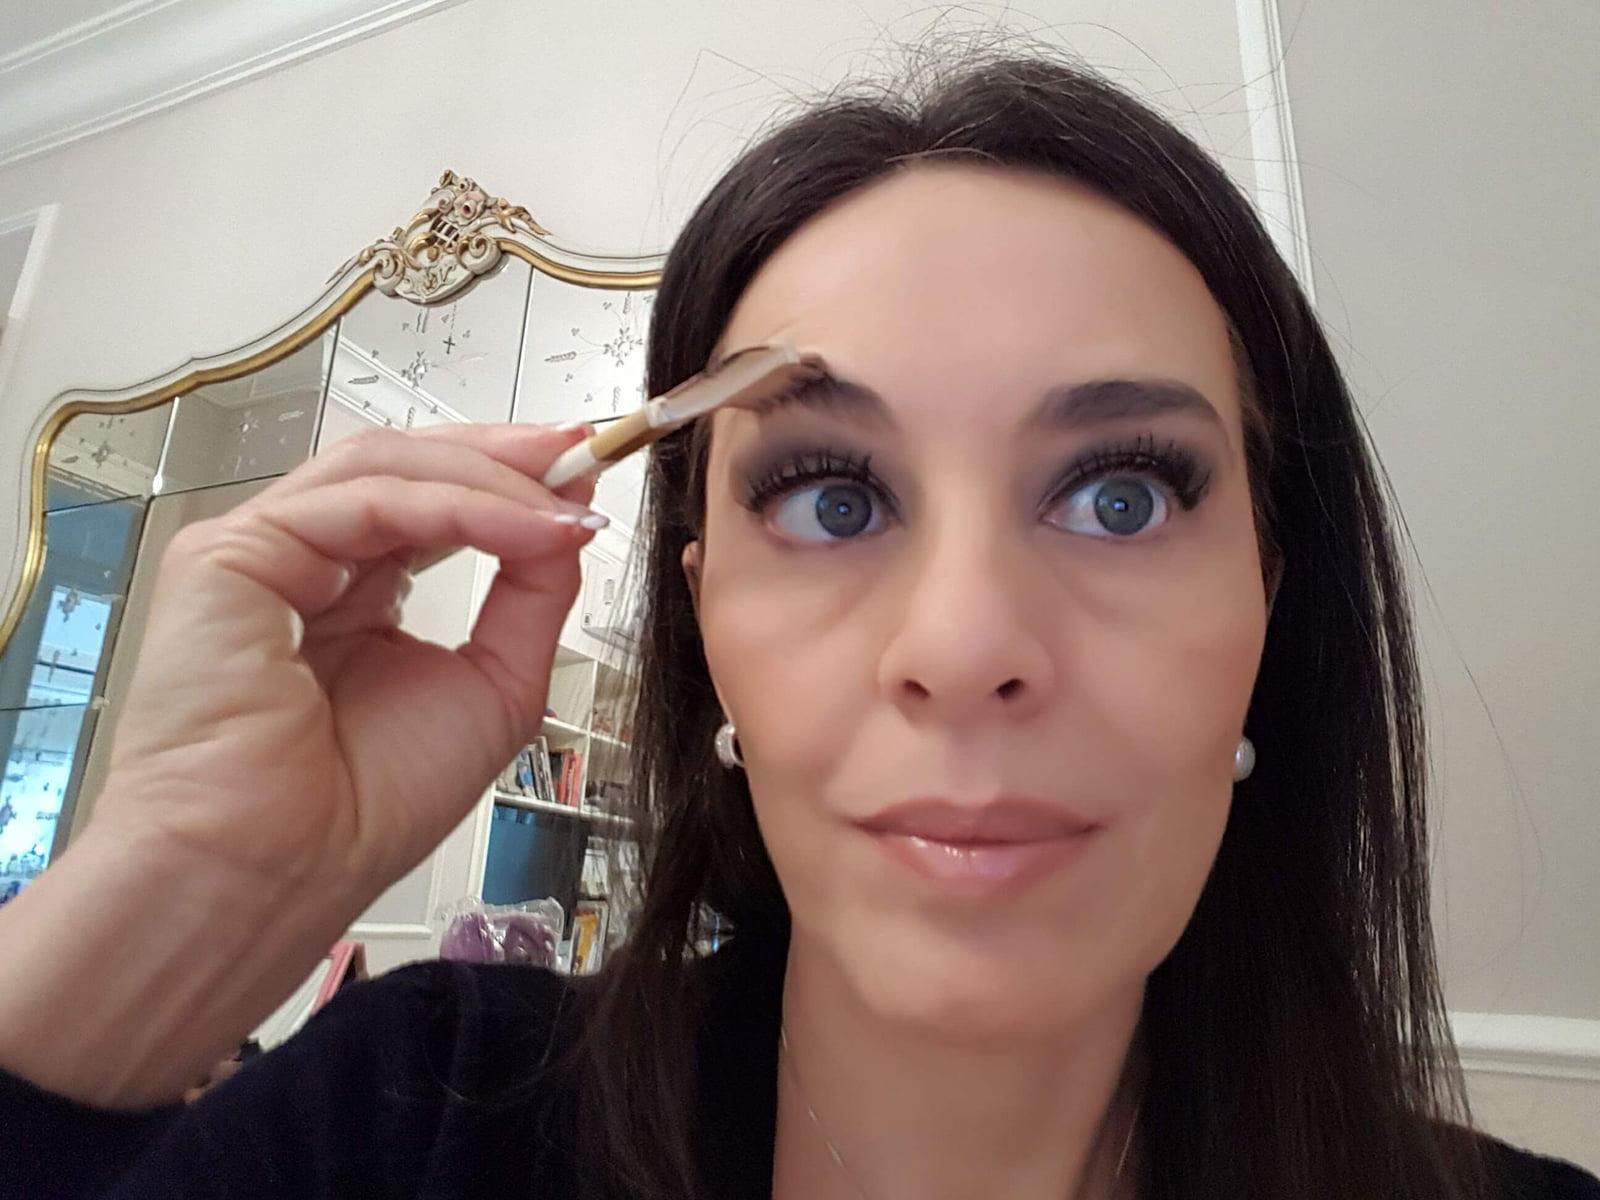 blog-da-carla-vilhena-maquiagem-dia-a-dia-11